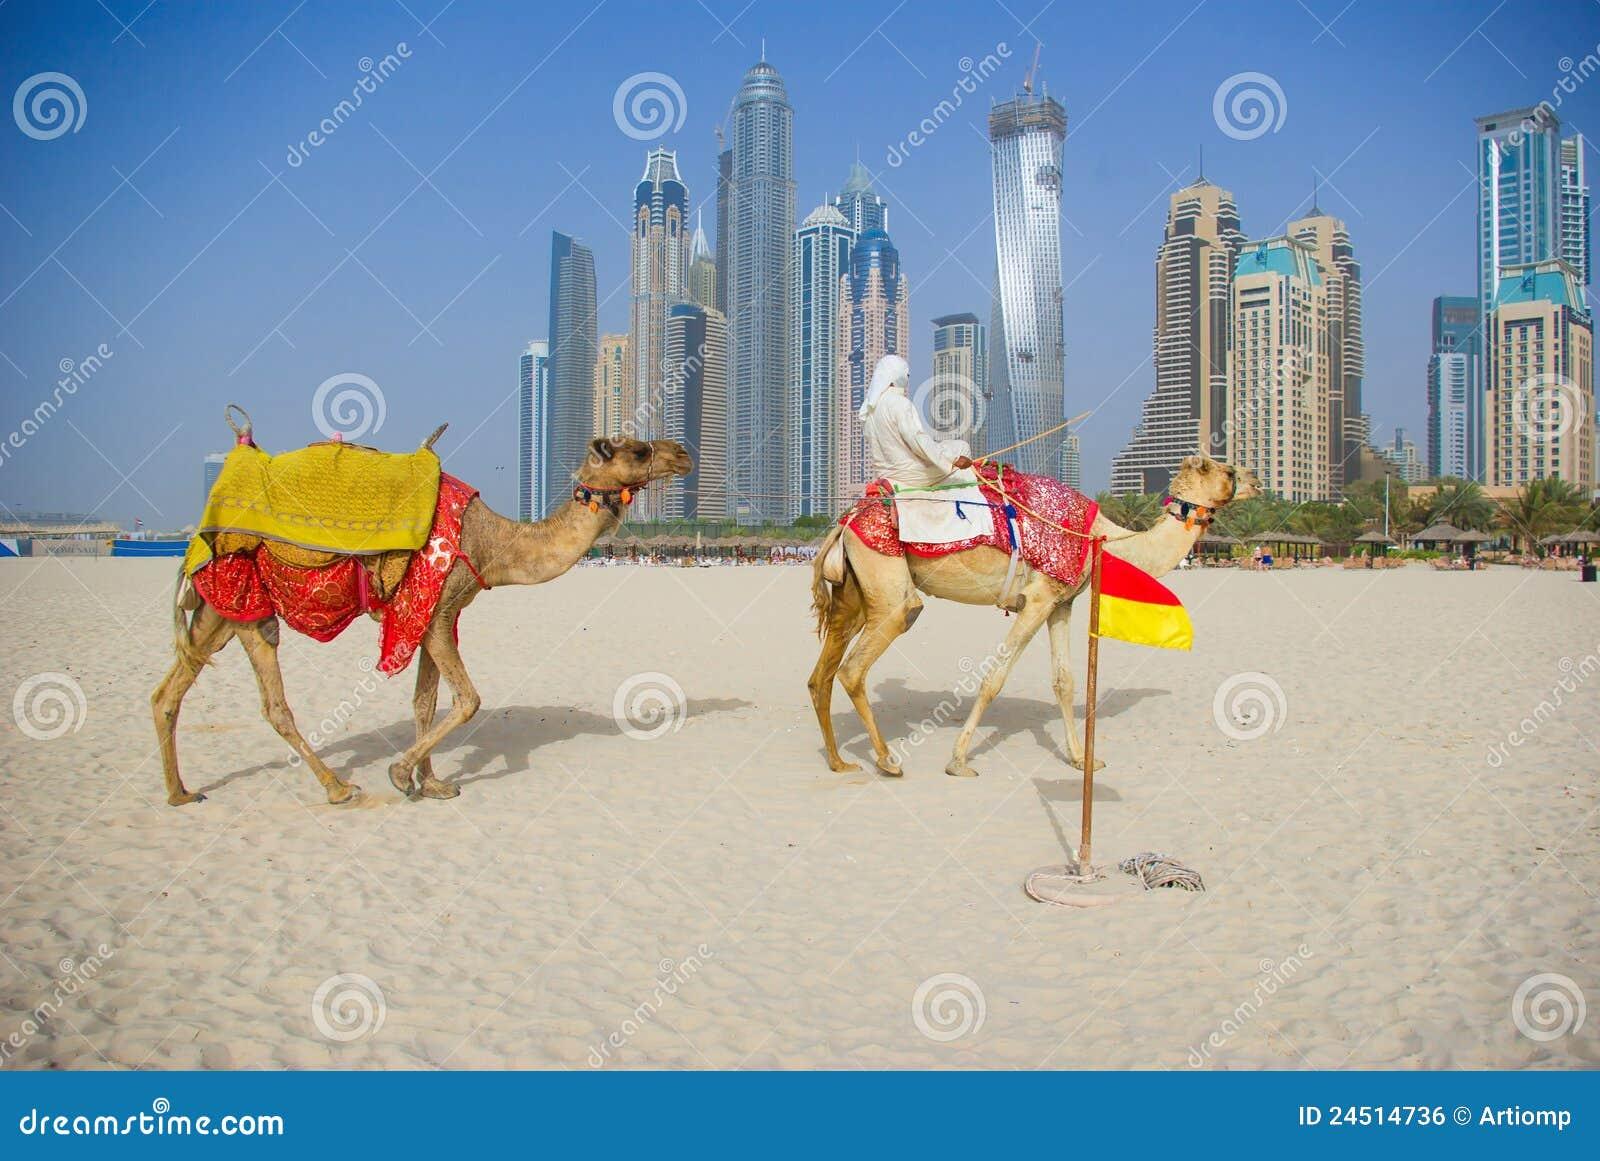 Chameau sur la plage à Dubaï